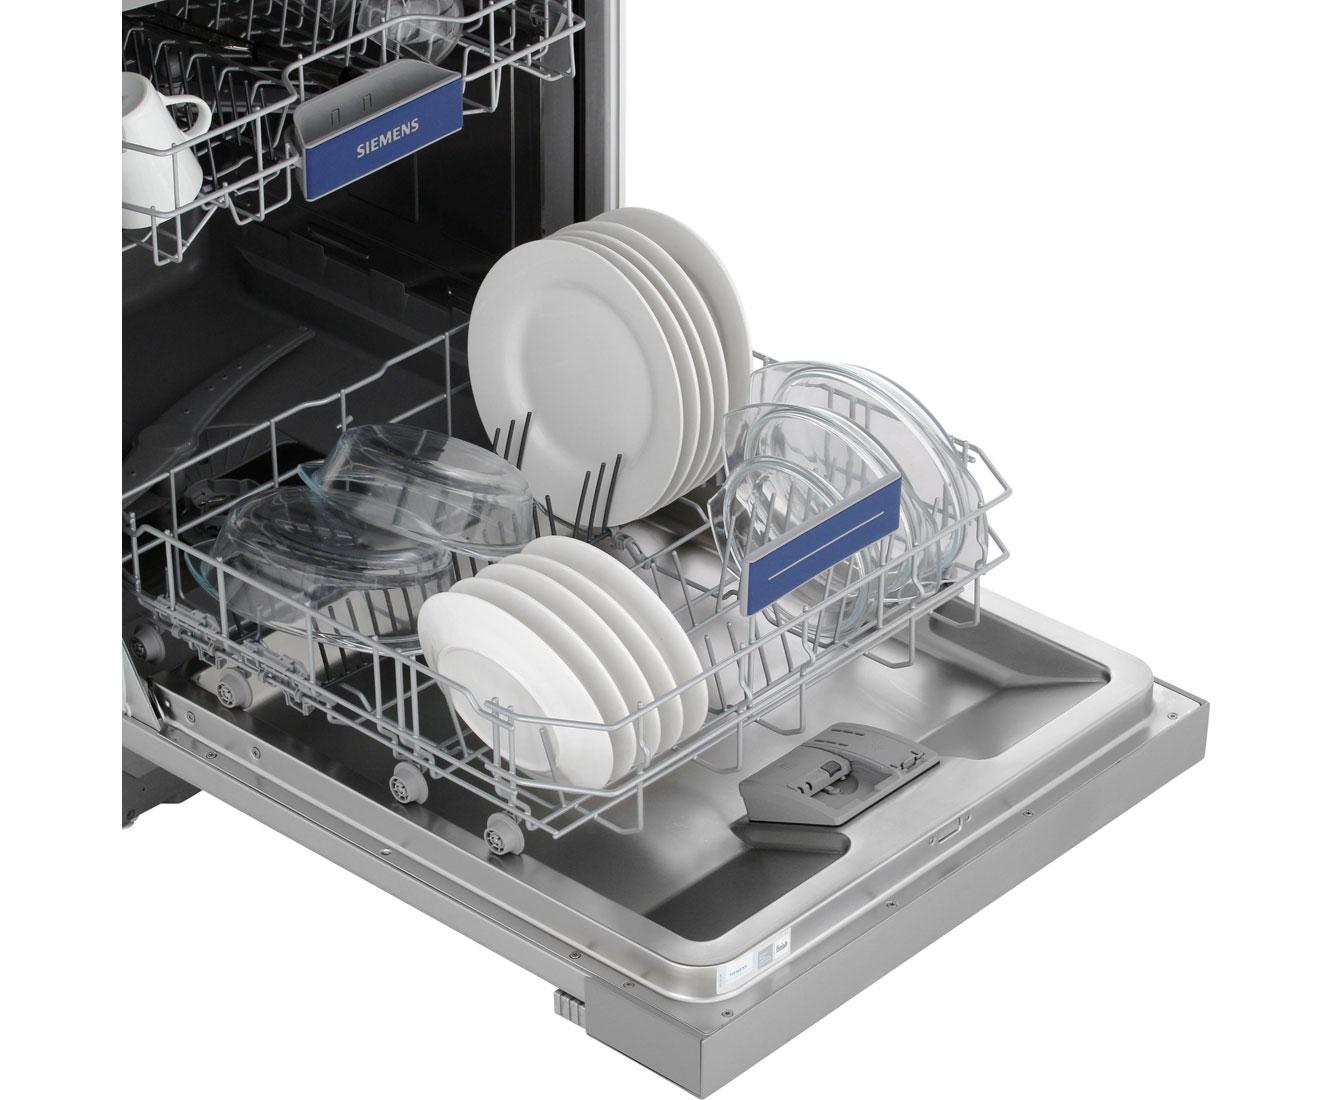 Besteckschublade Siemens Geschirrspüler Einräumen Integrierte